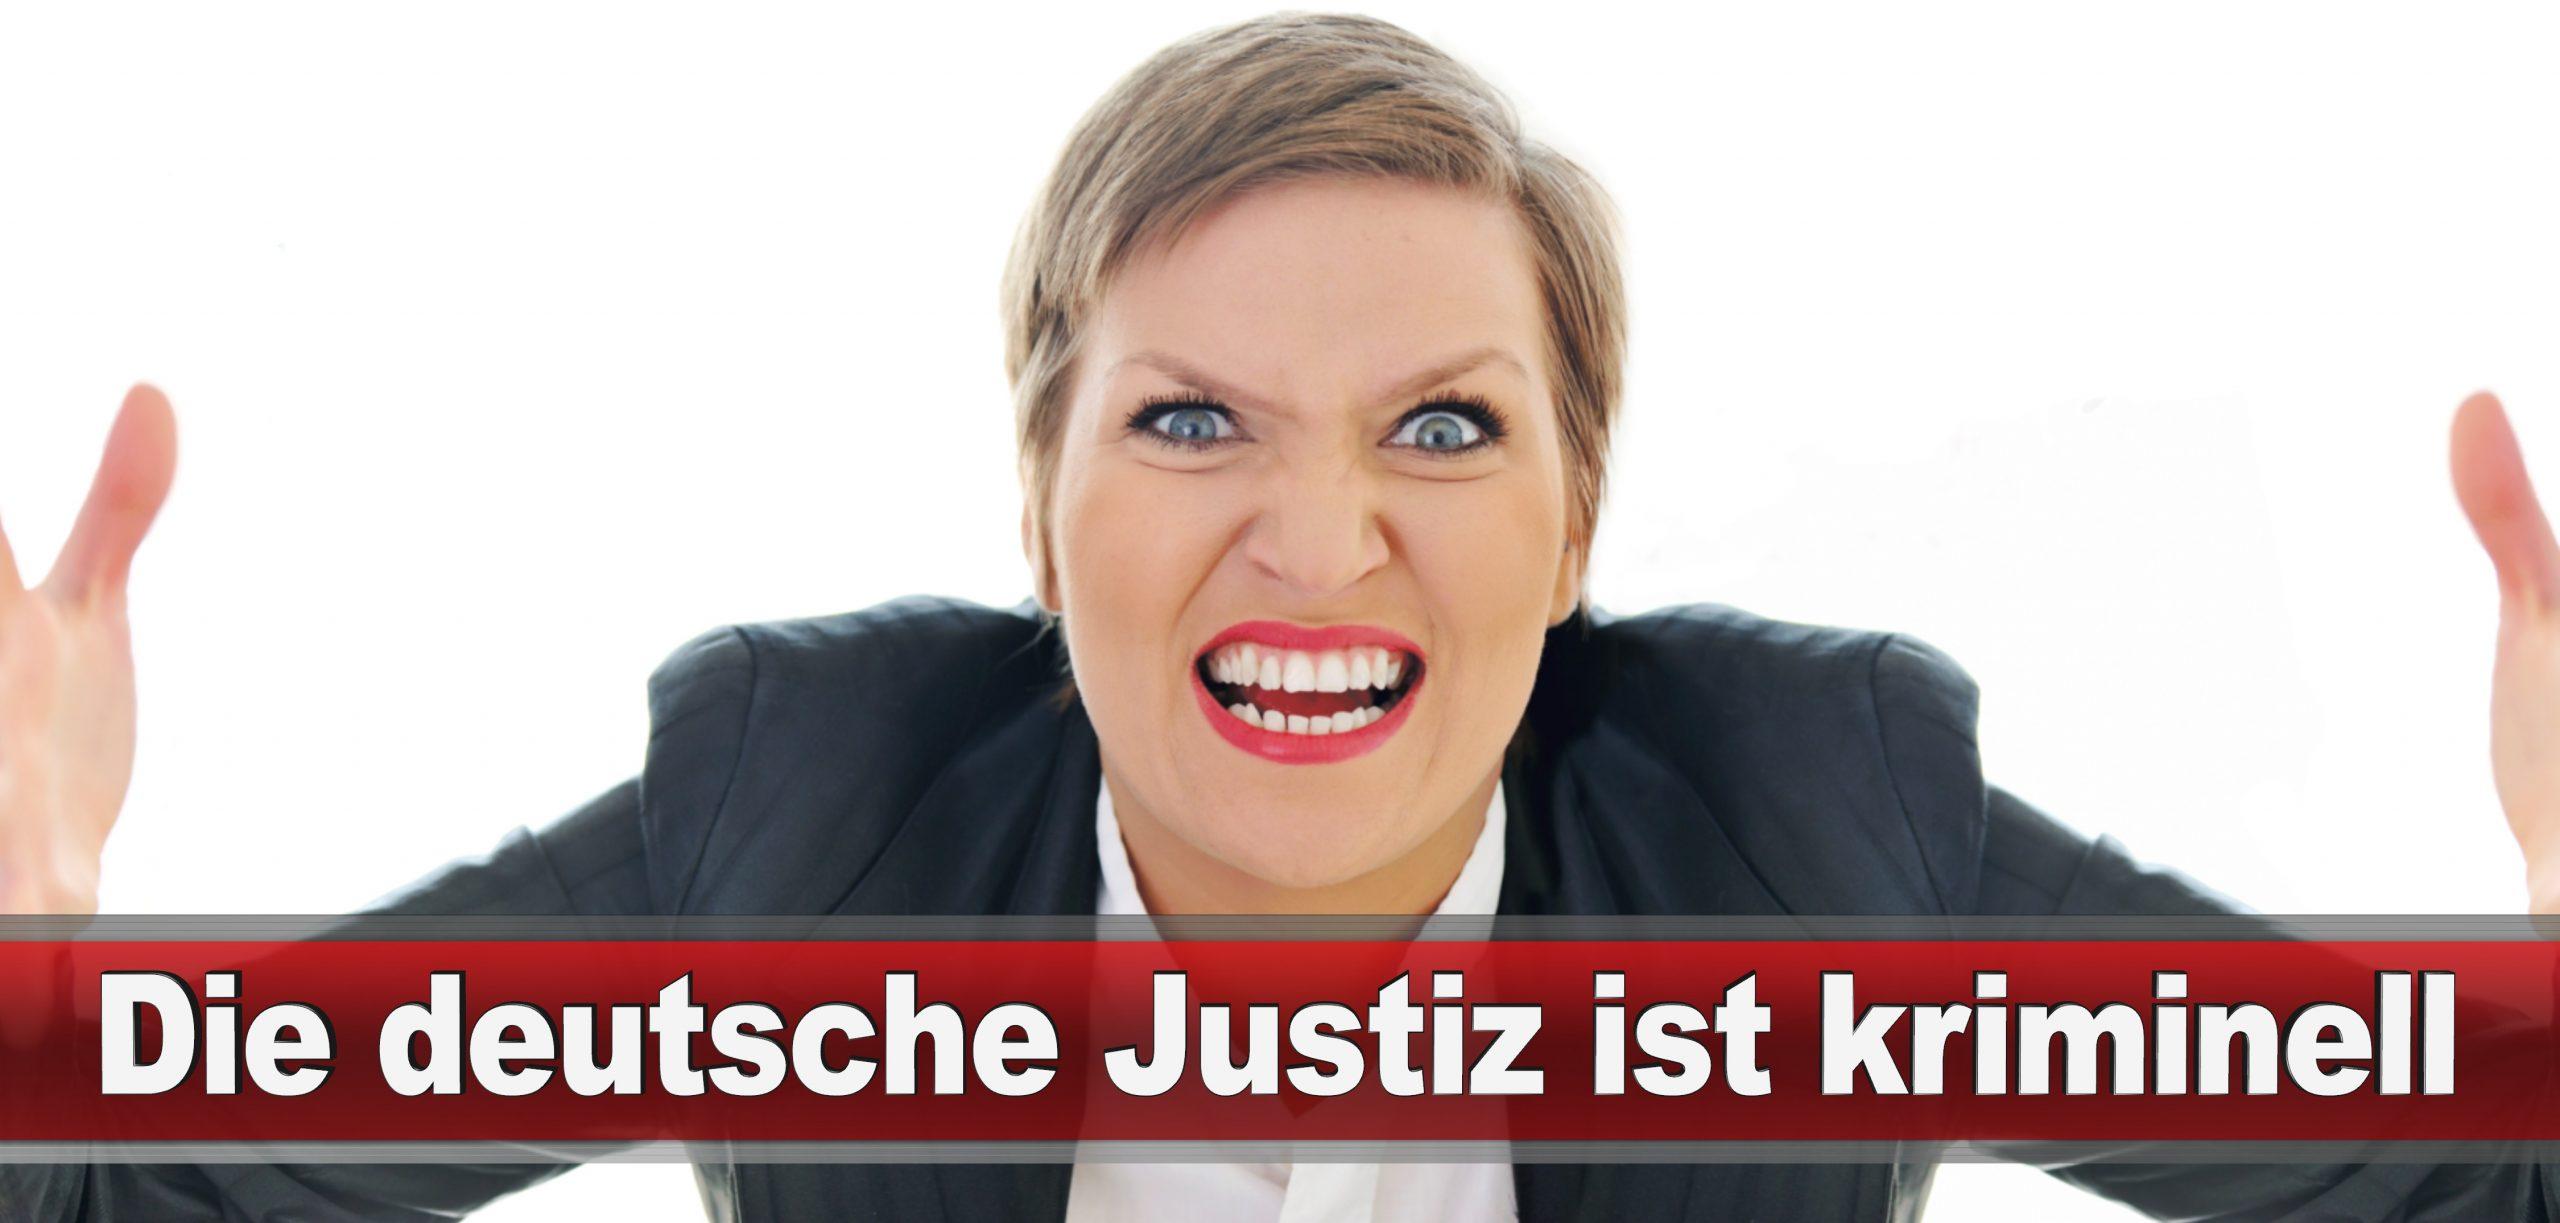 Bundestagswahl 2021 Wahlplakate CDU SPD FDP AFD Grüne Linke Stimmzettel Prognose Umfrage Kandidaten Parteien Datum (51)